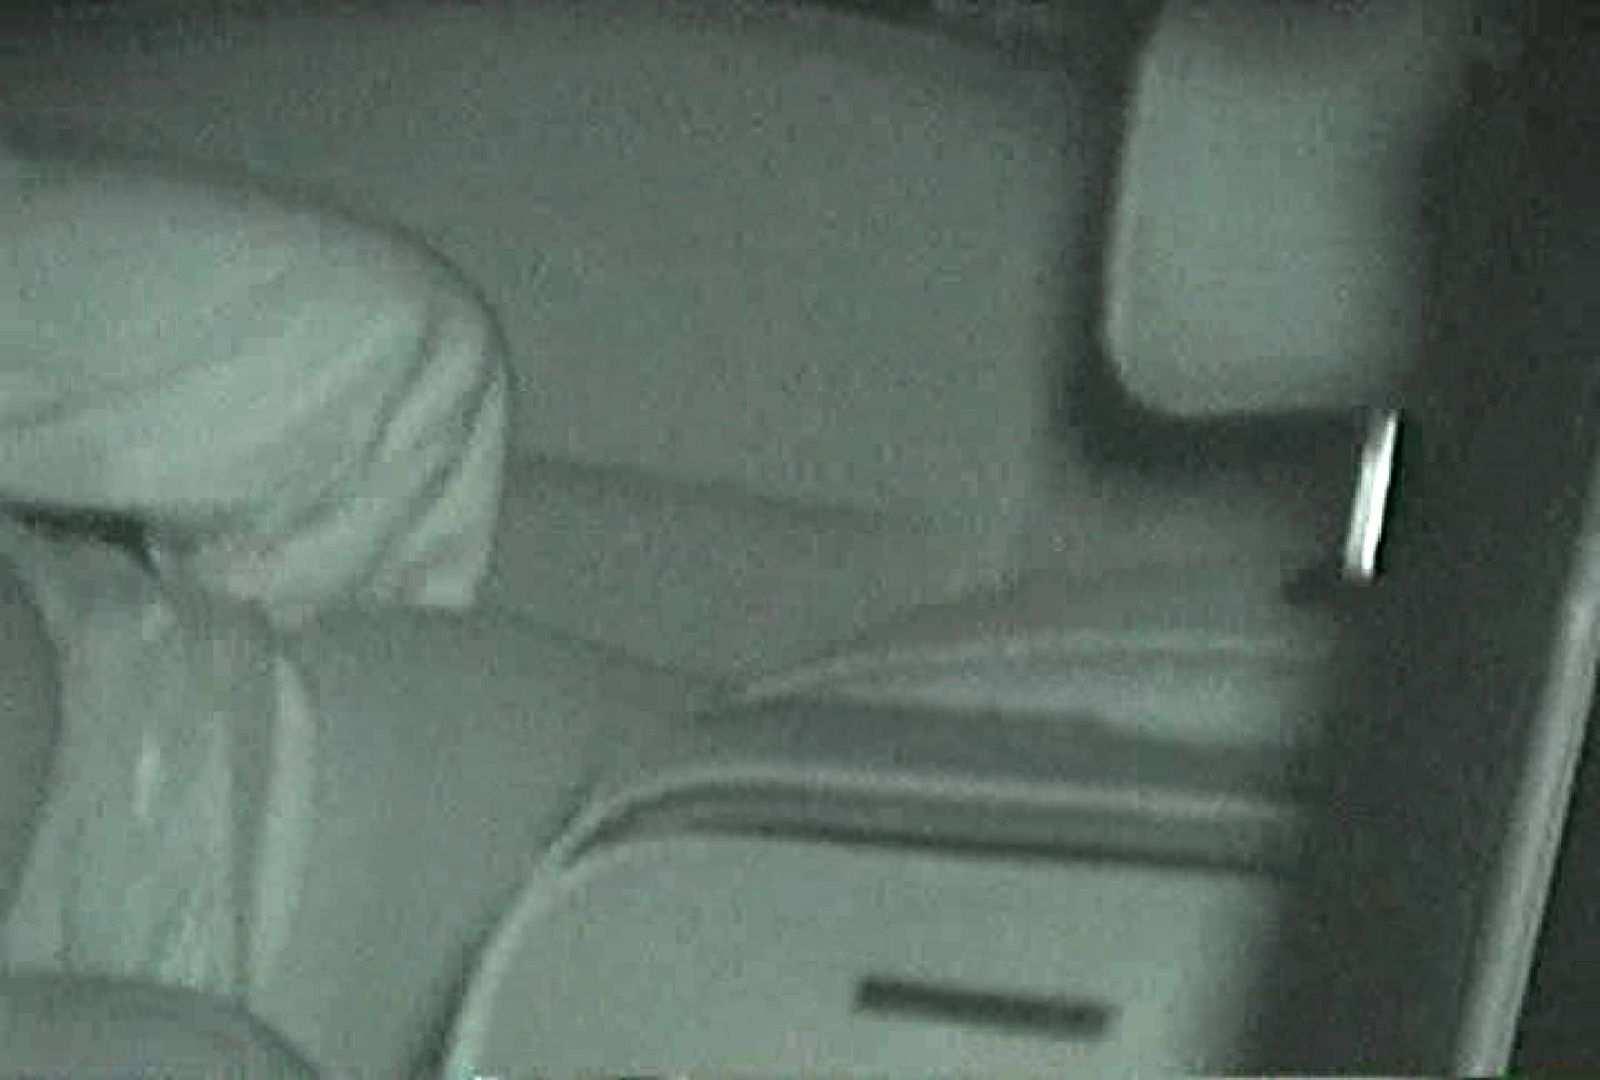 充血監督の深夜の運動会Vol.55 車中はめどり SEX無修正画像 94画像 89